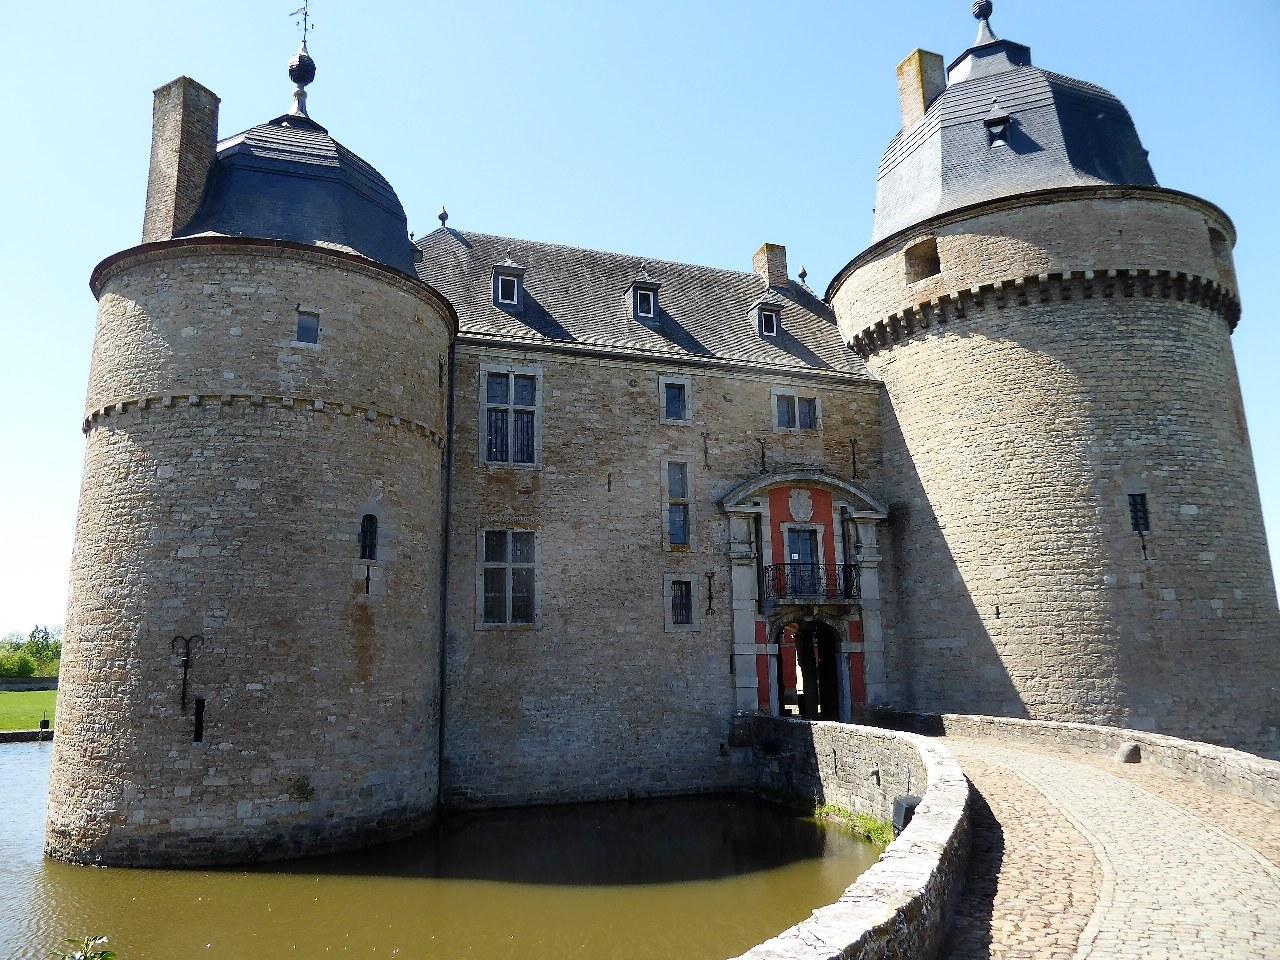 Castle of Lavaux-Sainte-Anne